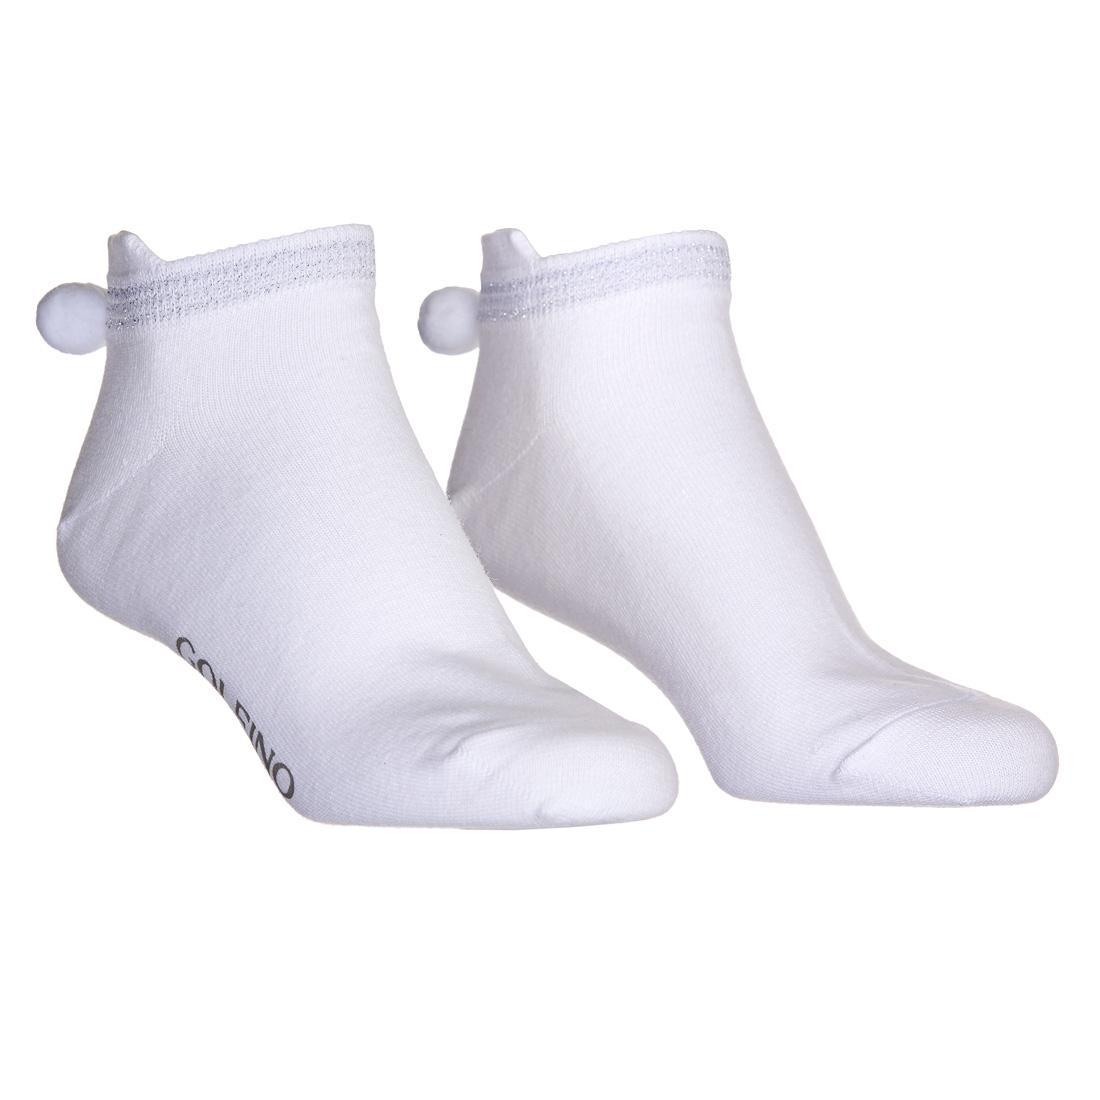 Ladies' functional golf socks